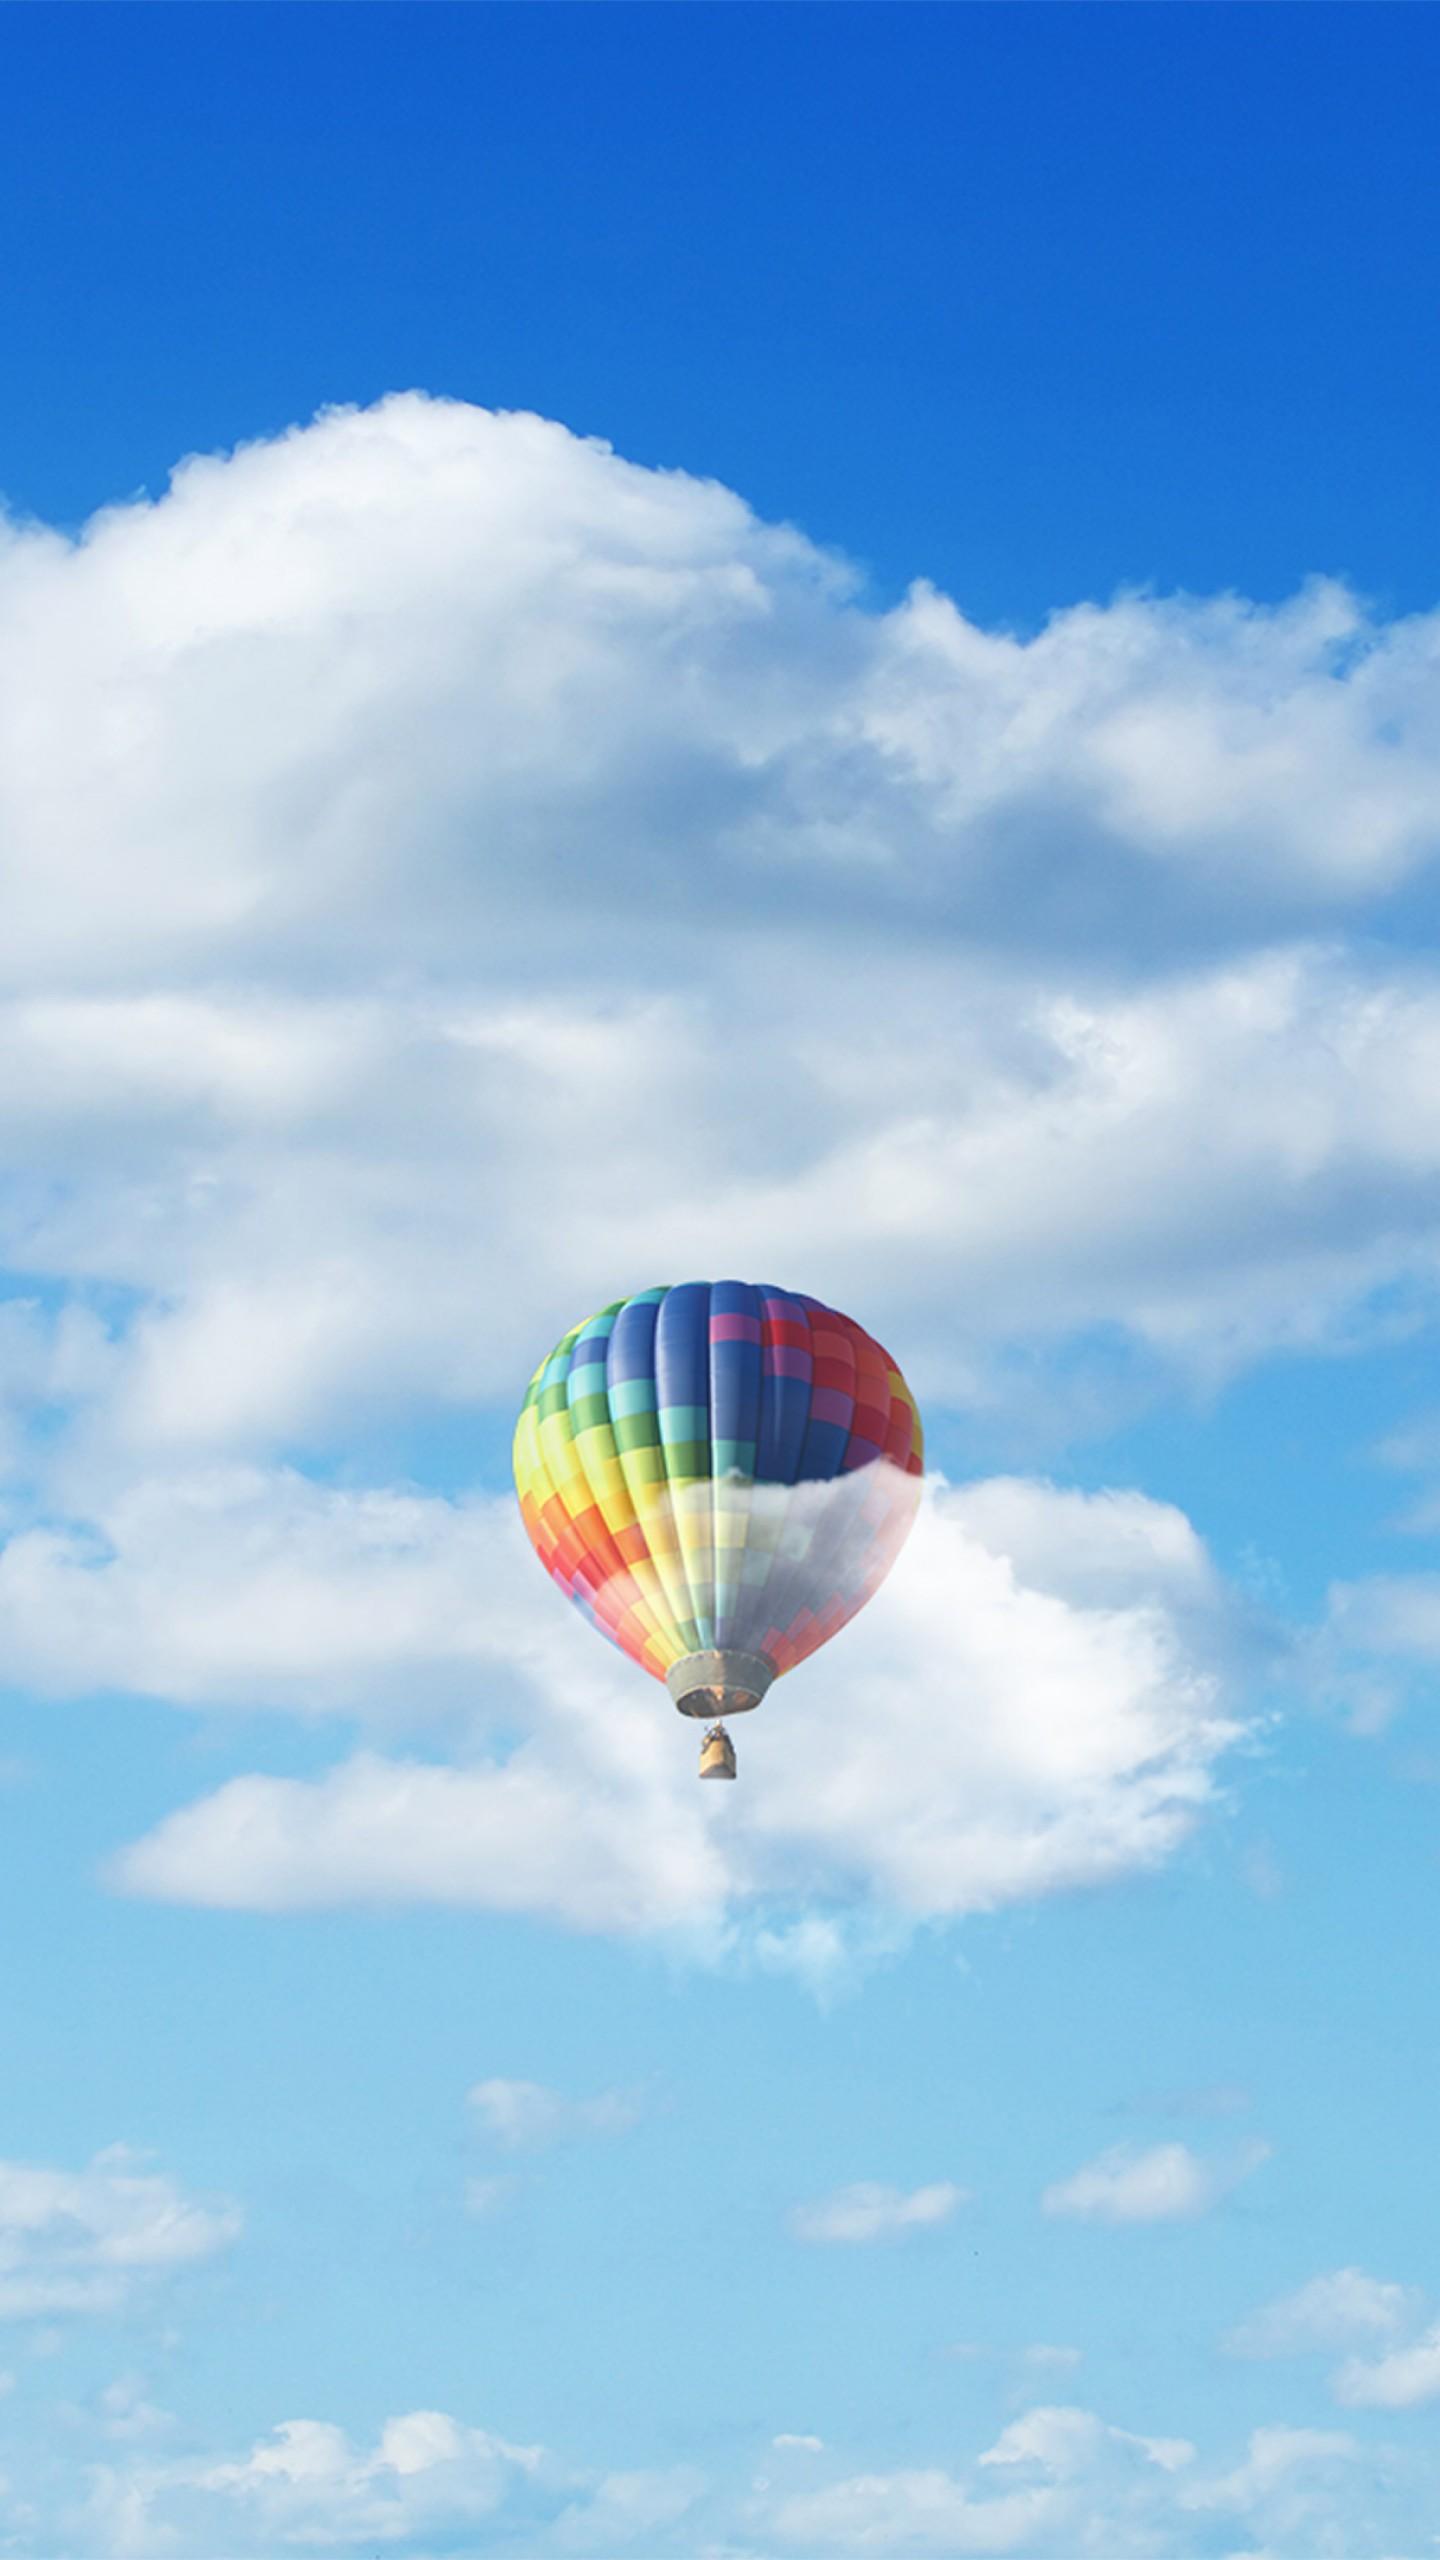 عکس زمینه بالون رنگی در آسمان آبی و ابرهای زیبا پس زمینه